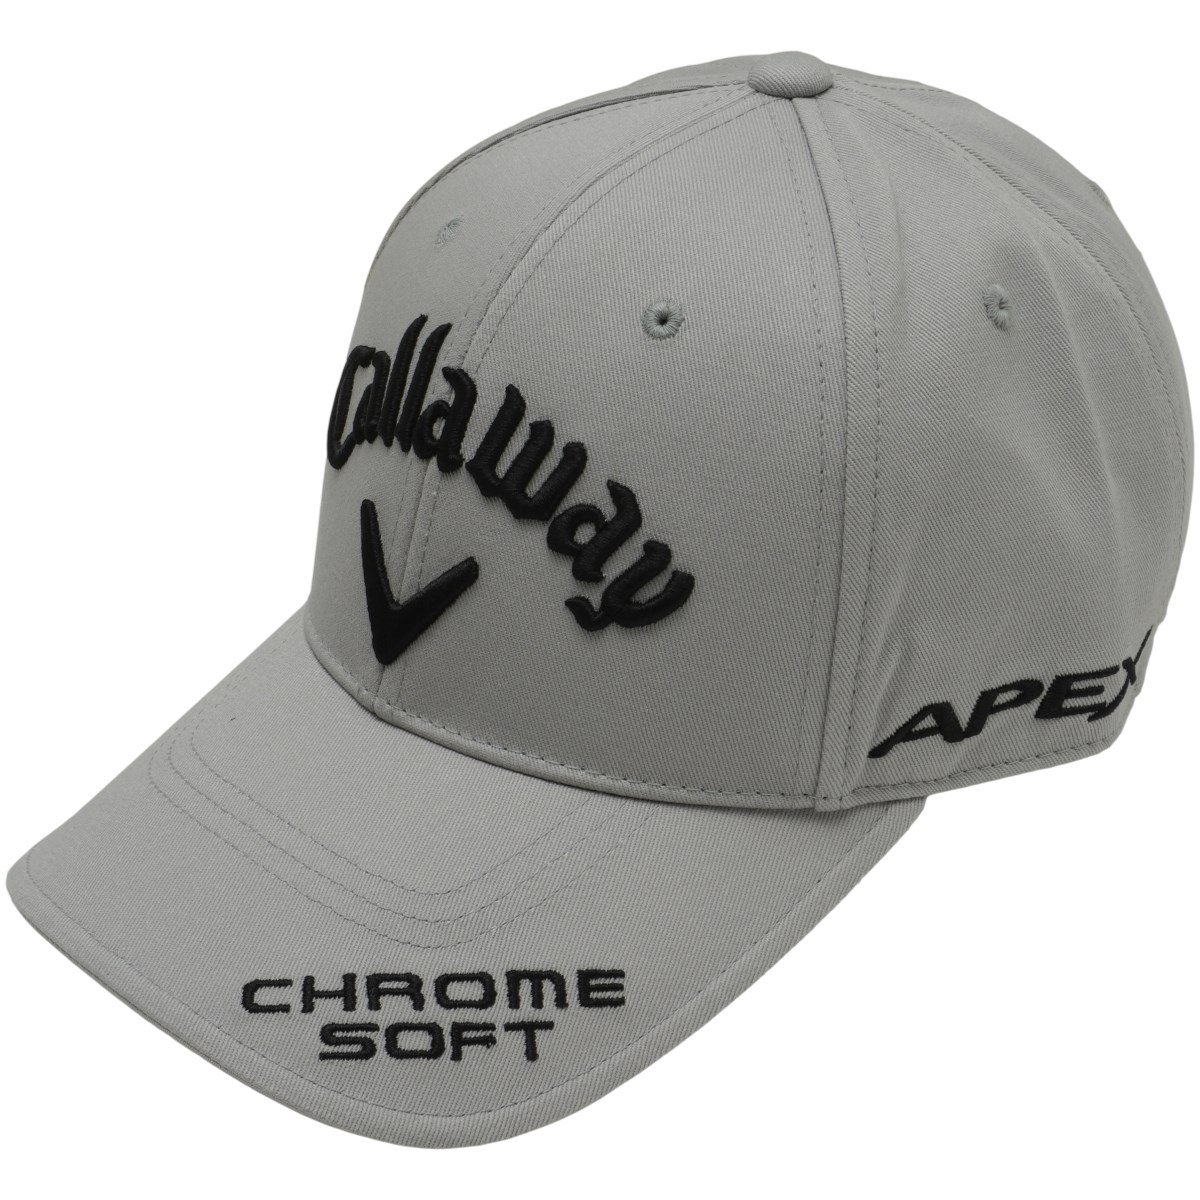 キャロウェイゴルフ Callaway Golf ツアーキャップ フリー グレー 020